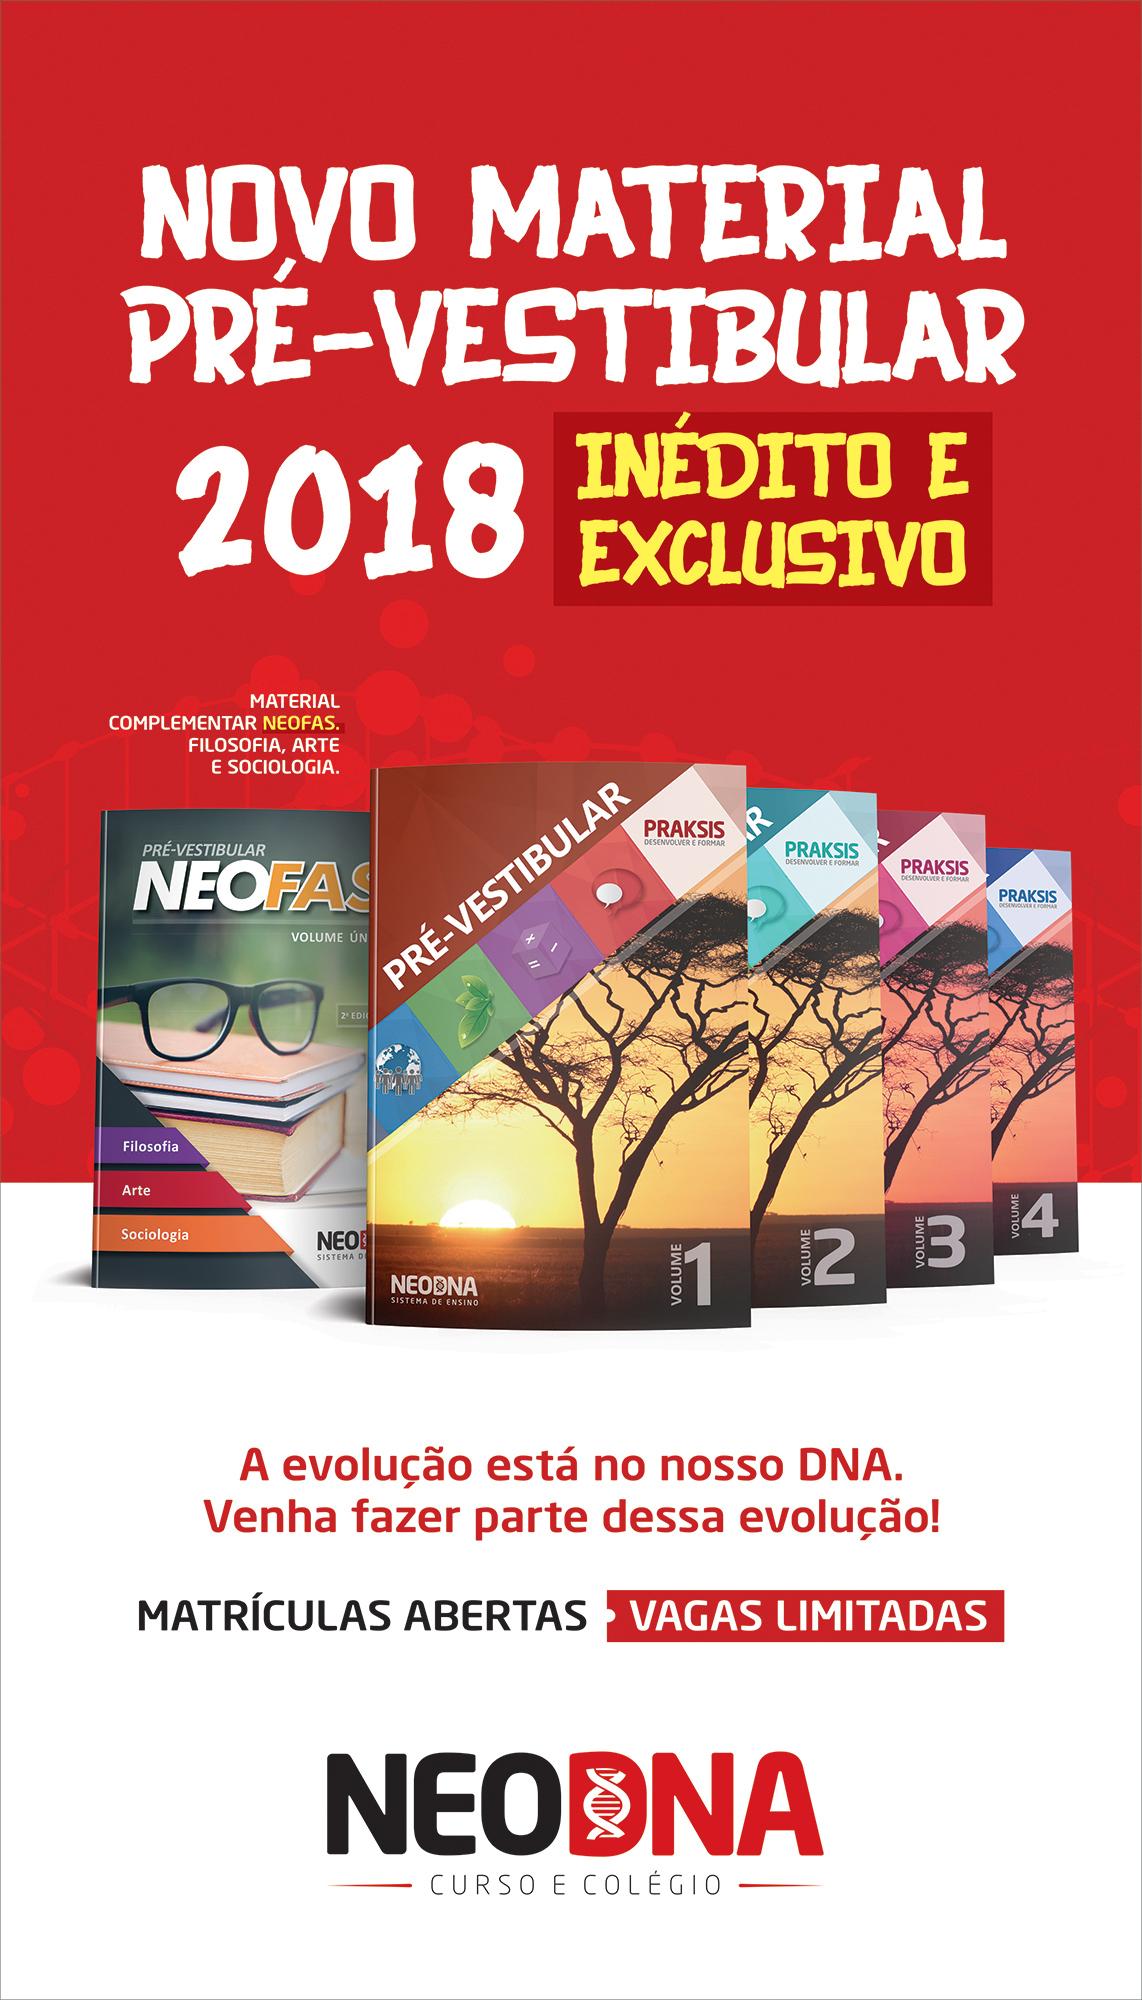 (baixa) Ad 297x520 Novos Materiais 2018_ALT